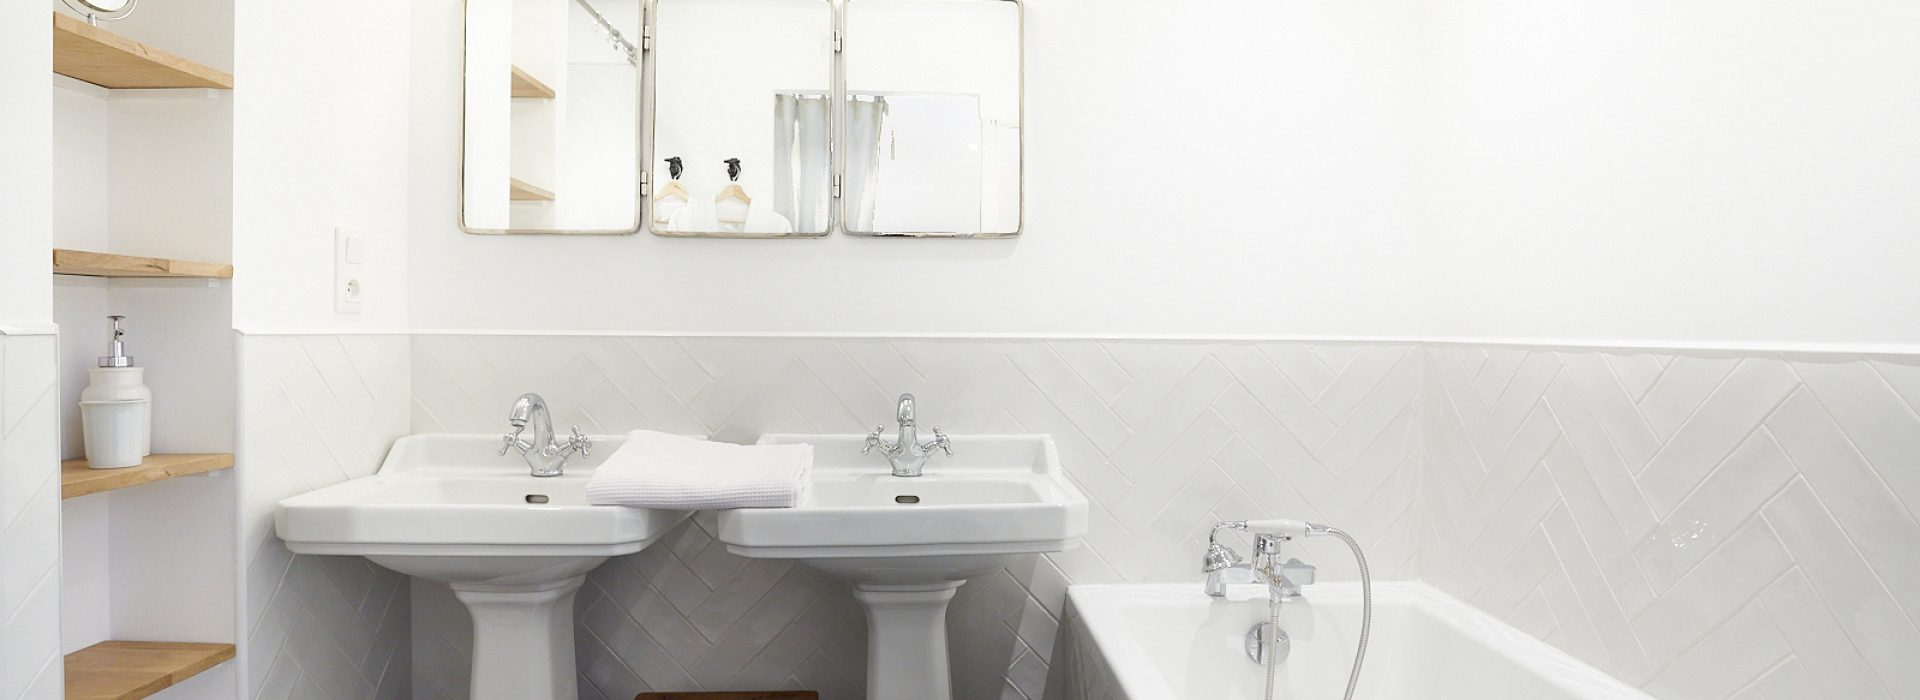 16_Salle de bain